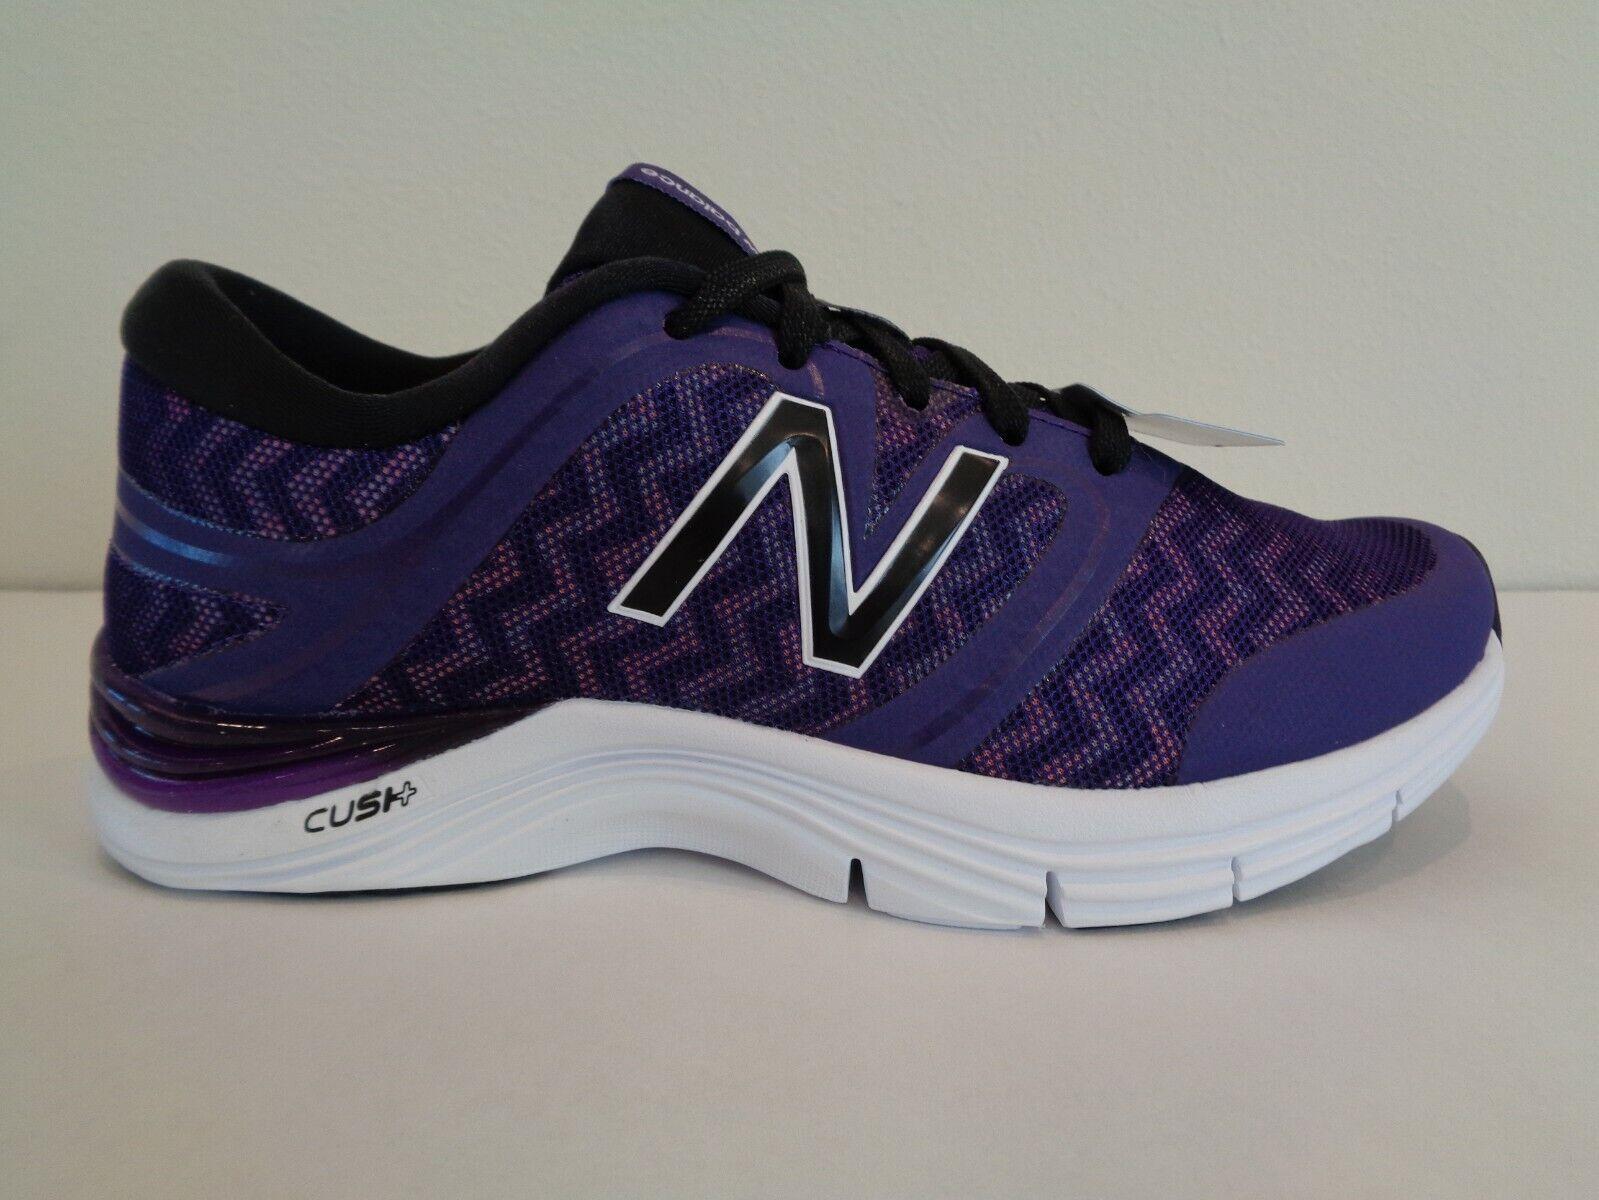 New Balance Talla 7 7 7 M 711 WX711DG2 púrpura Nuevos Mujer Zapatos Zapatillas De Entrenamiento  suministro de productos de calidad